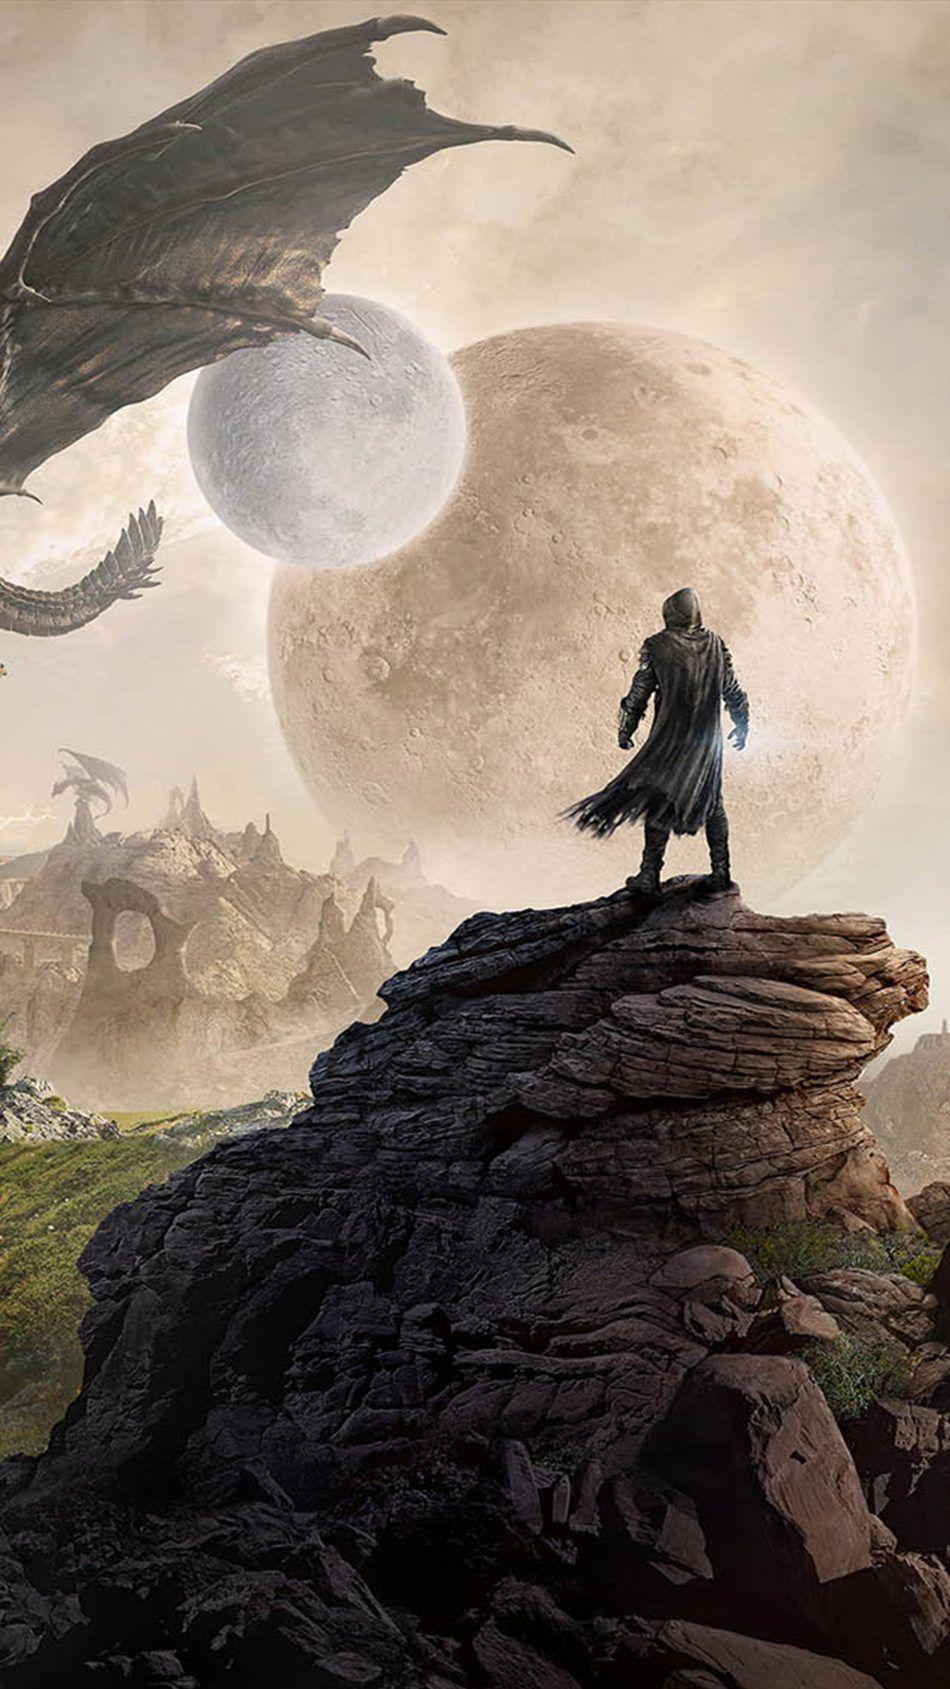 The Elder Scrolls Online Elsweyr 4k Ultra Hd Mobile Wallpaper Game Elder Scrolls Art Skyrim Wallpaper Skyrim Fanart